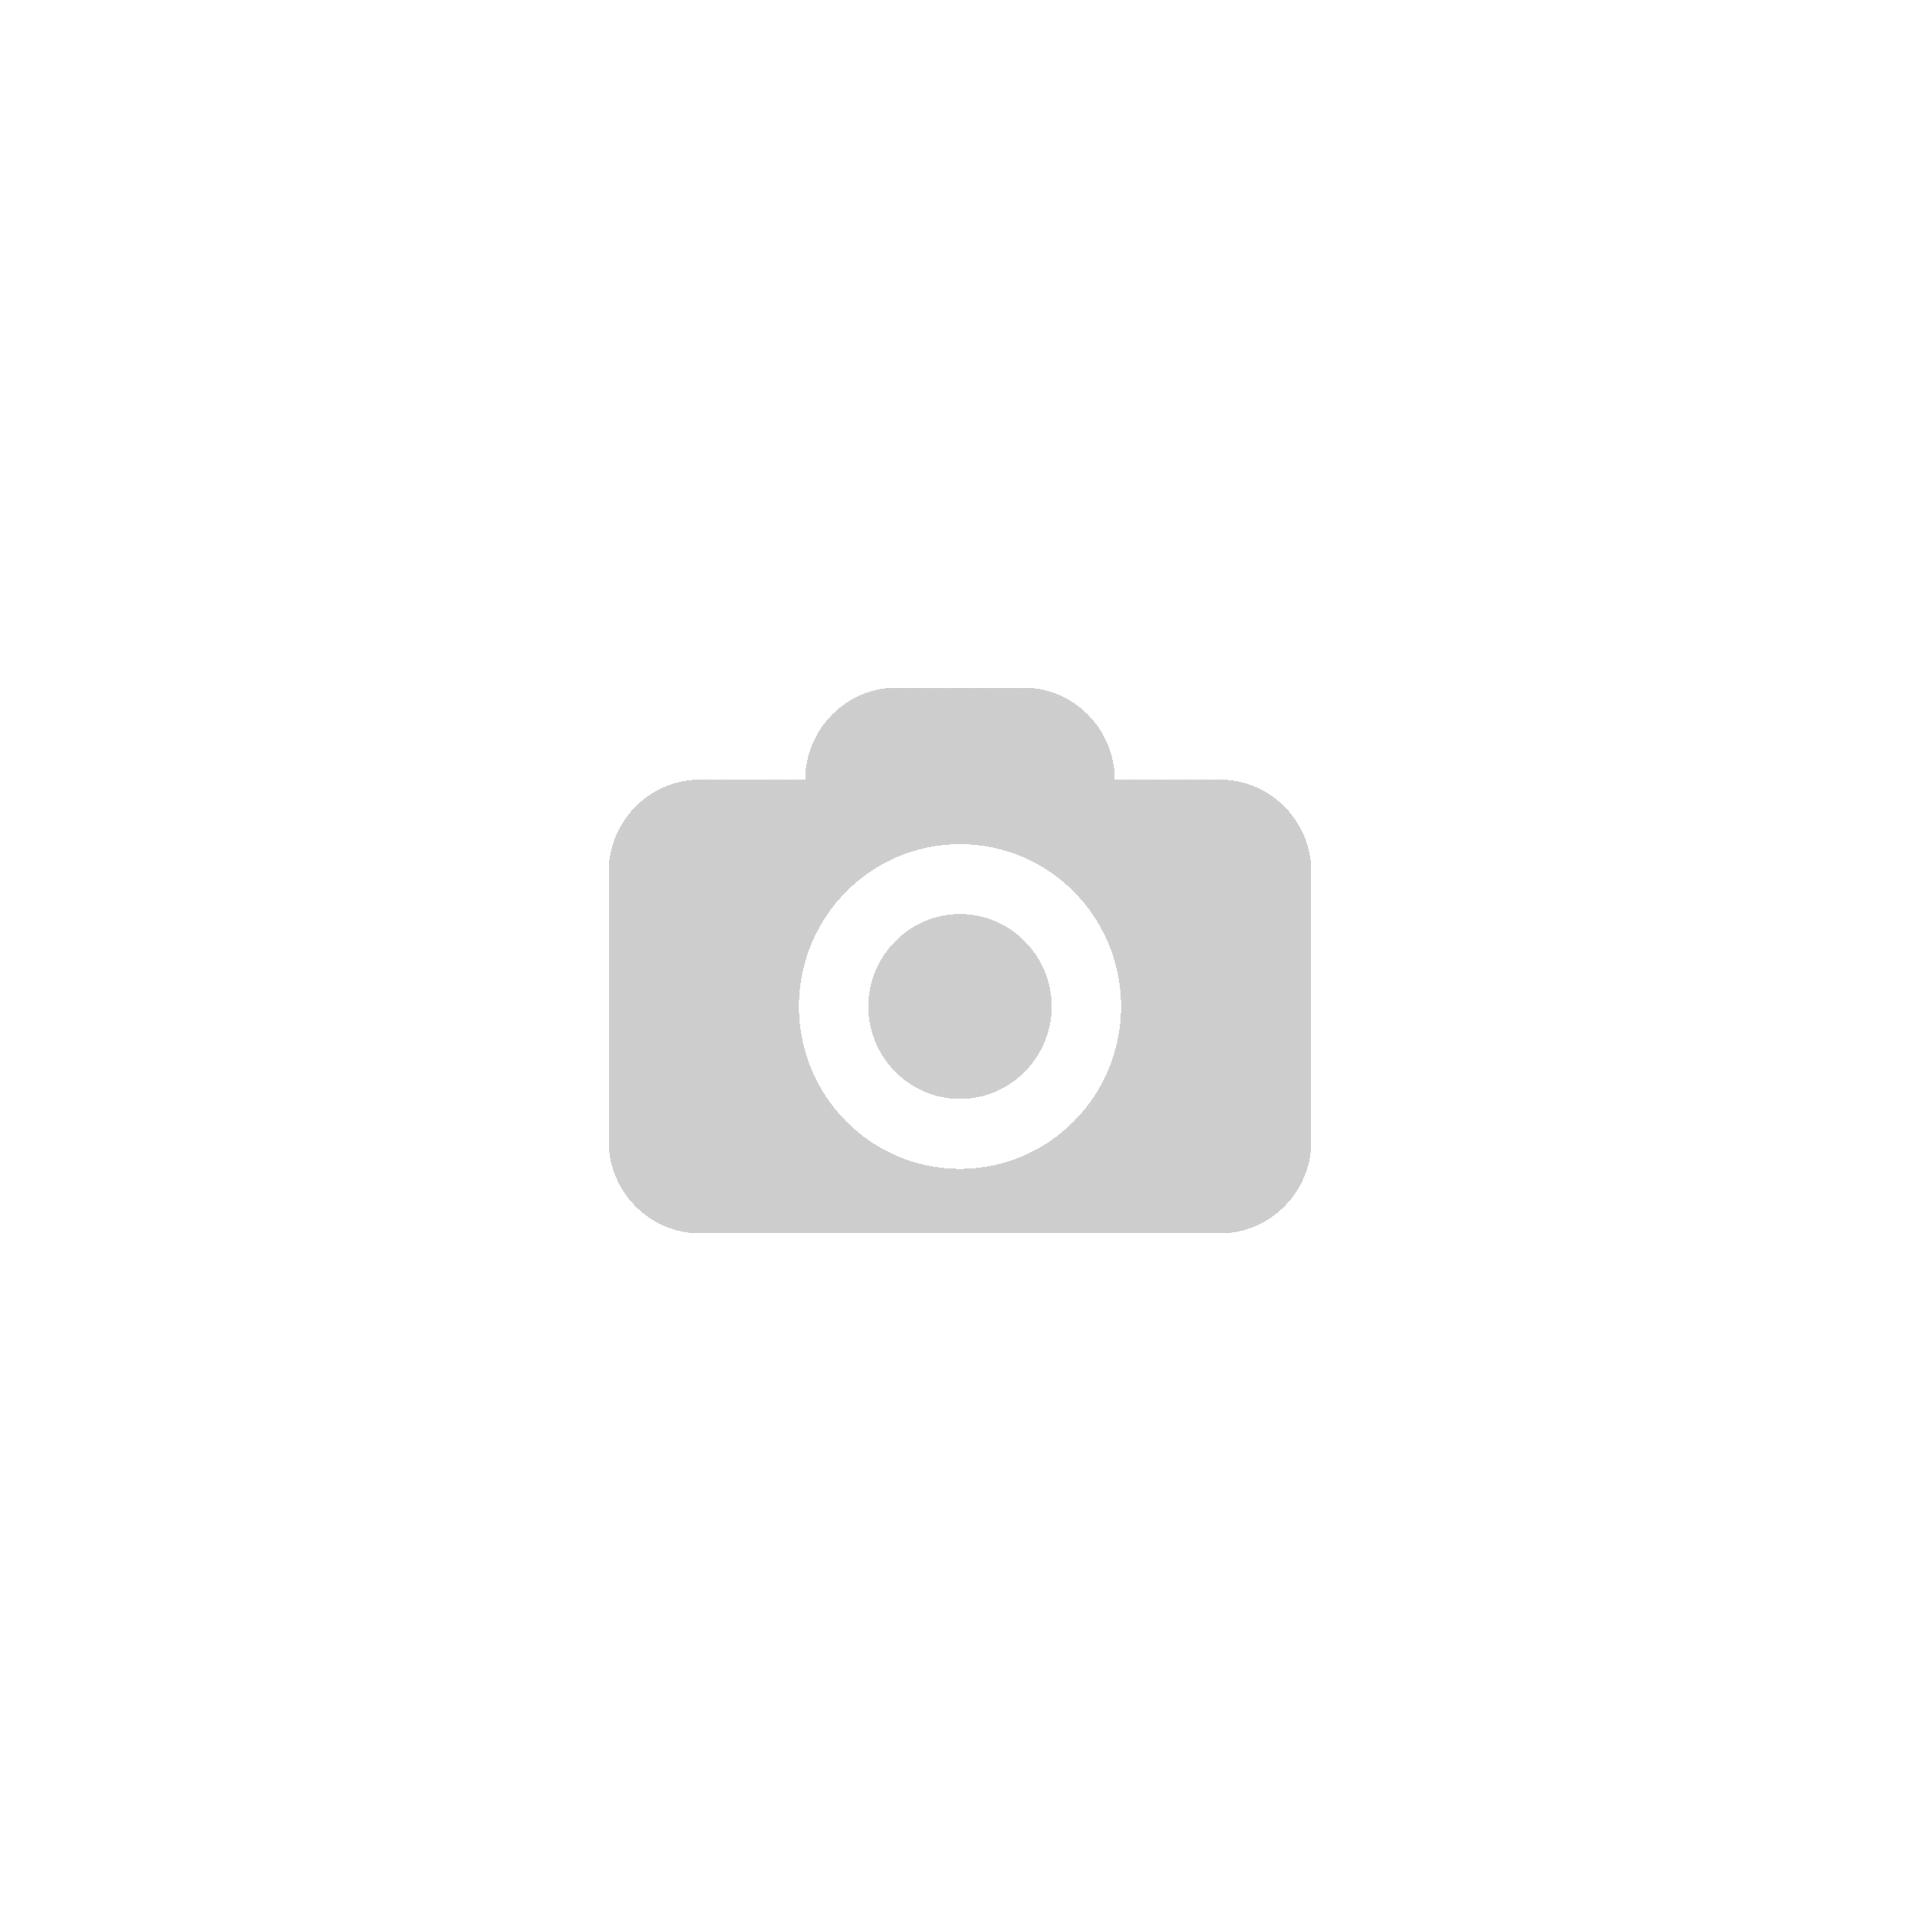 KRAUSE MONTO Toppy XL összecsukható fellépő, 2 fokos